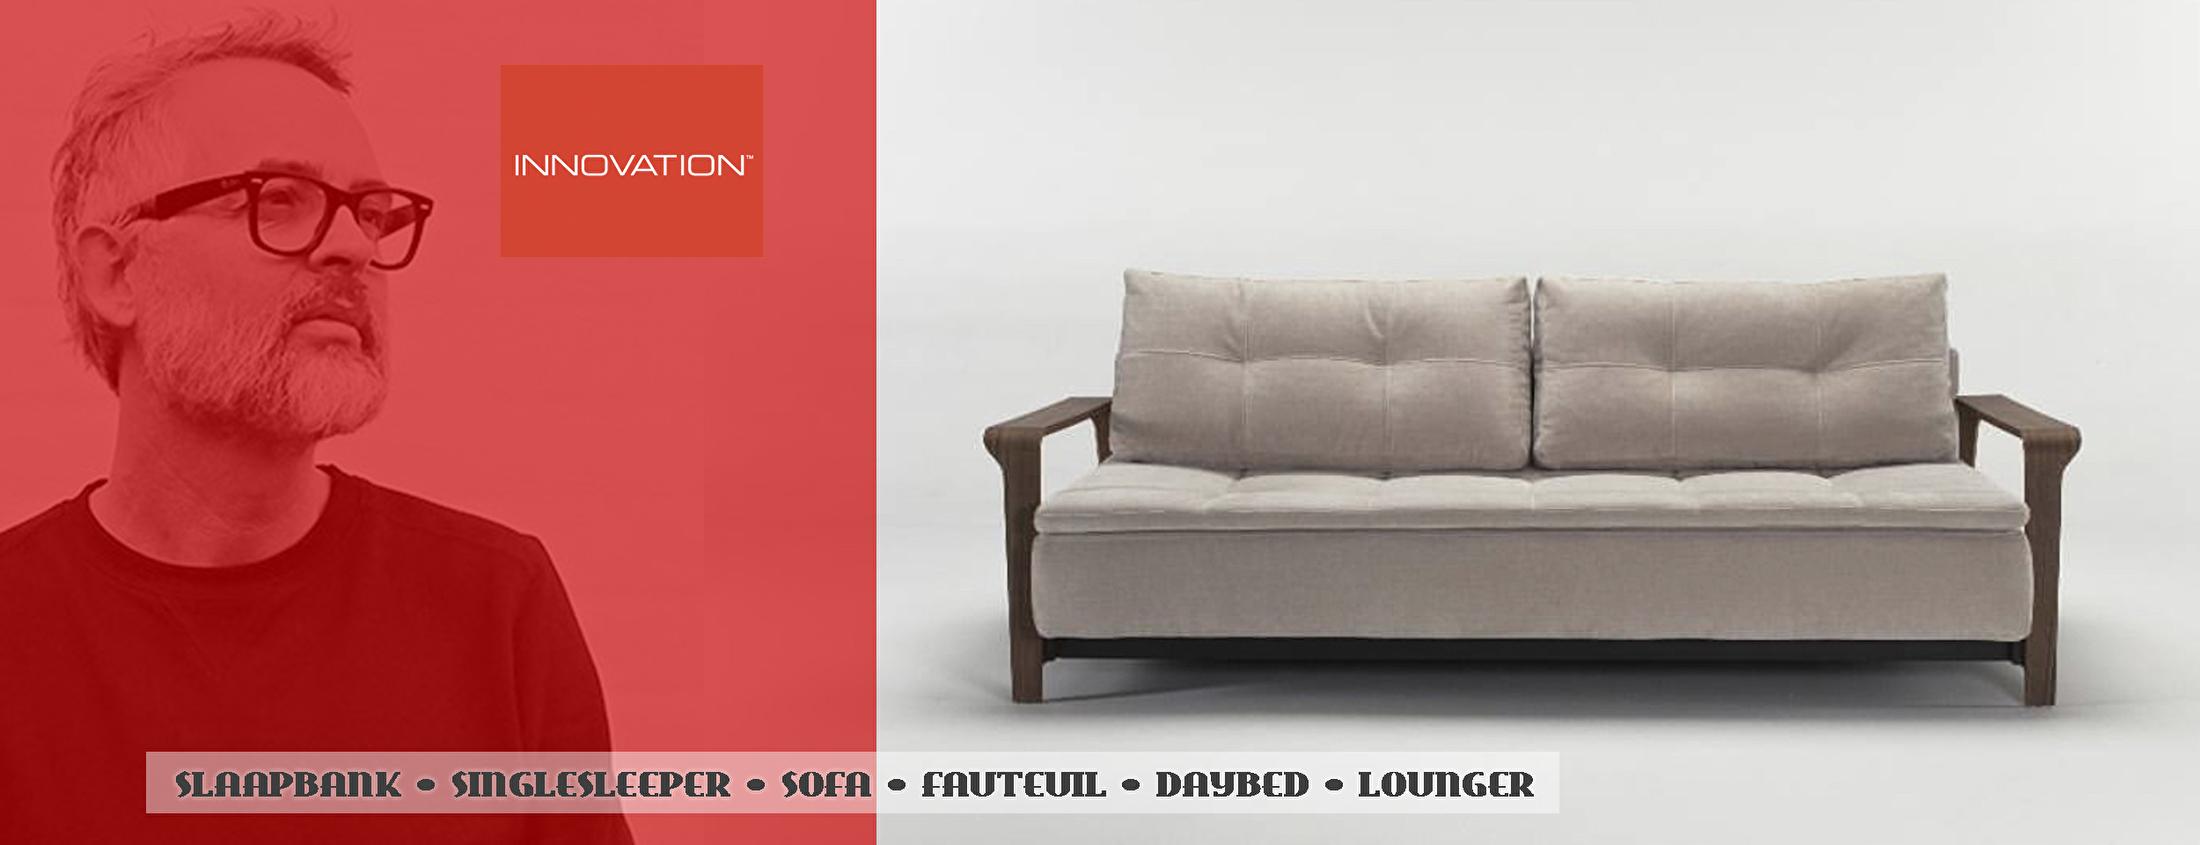 Luxe 2 Persoons Slaapbank Bedbank.Innovation Living Slaapbanken Zitbanken Daybeds Design Banken